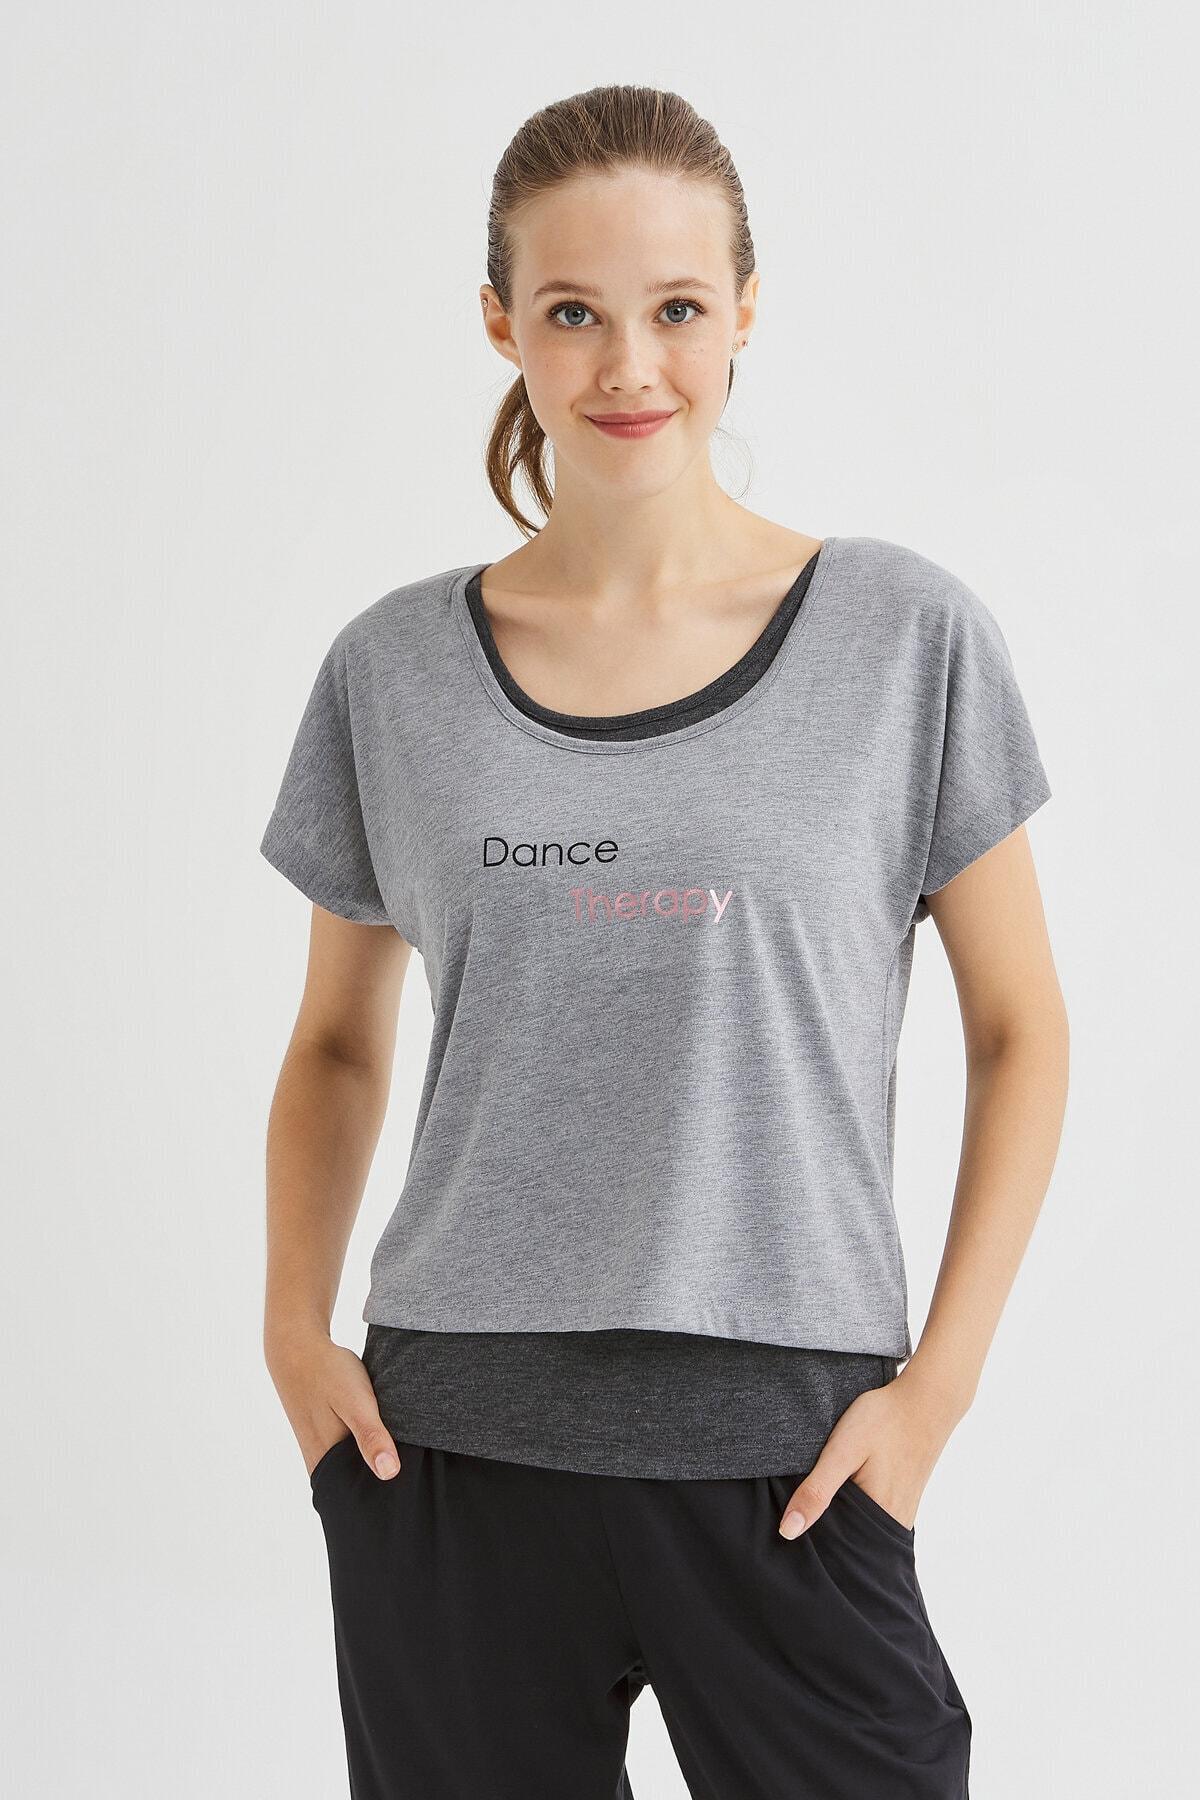 Penti Antrasit Double Dance Tişört 2